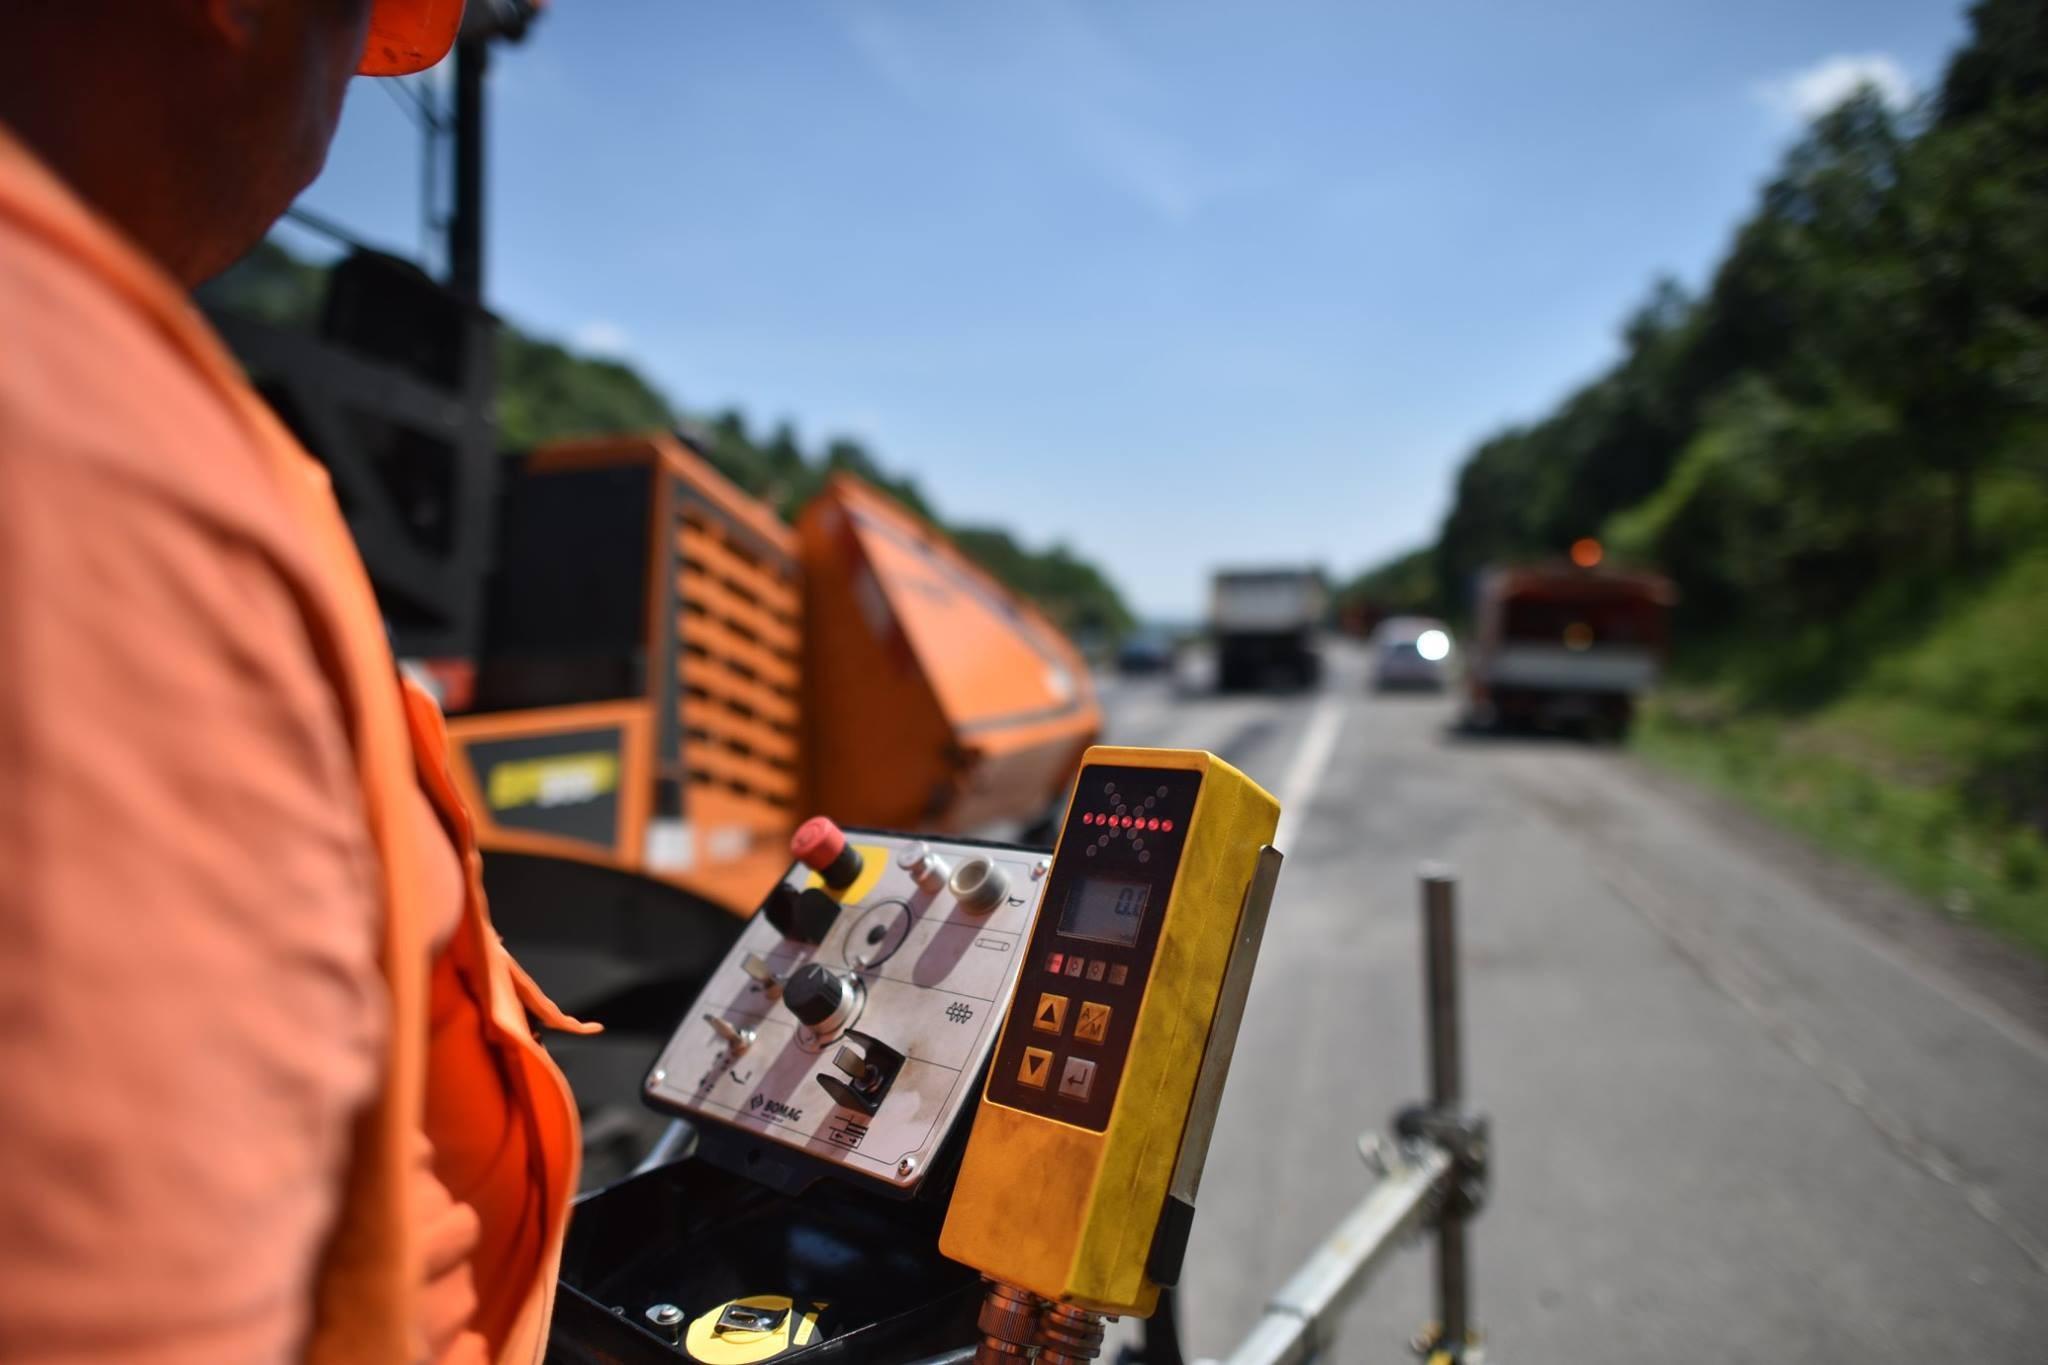 Kezdődik a 4-es főút szolnoki elkerülő szakaszának felújítása, lassul a forgalom!